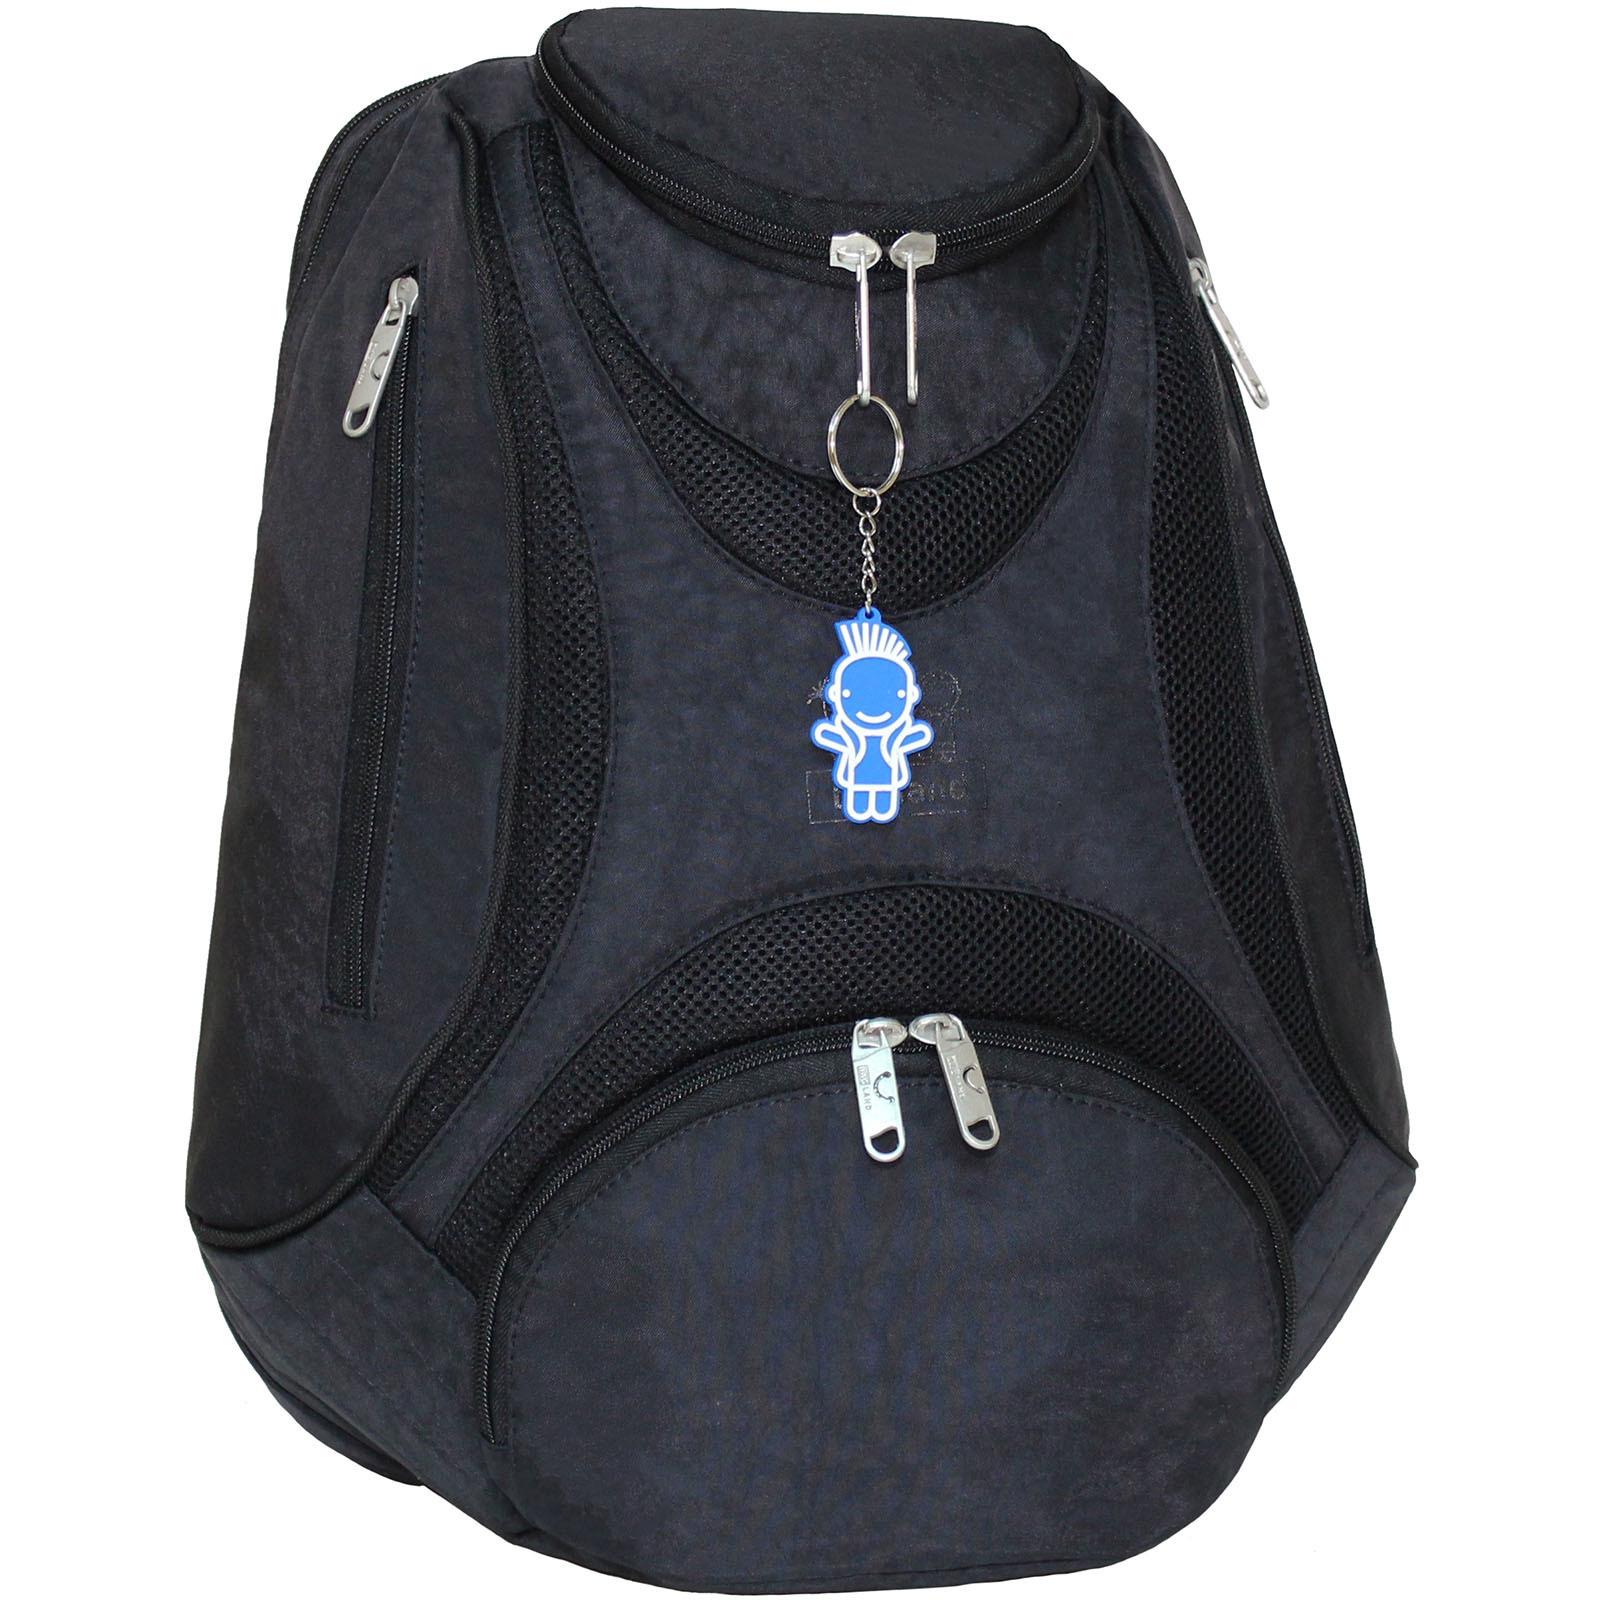 Городские рюкзаки Рюкзак Bagland Объемный 35 л. Чёрный (0014670) IMG_3490.JPG